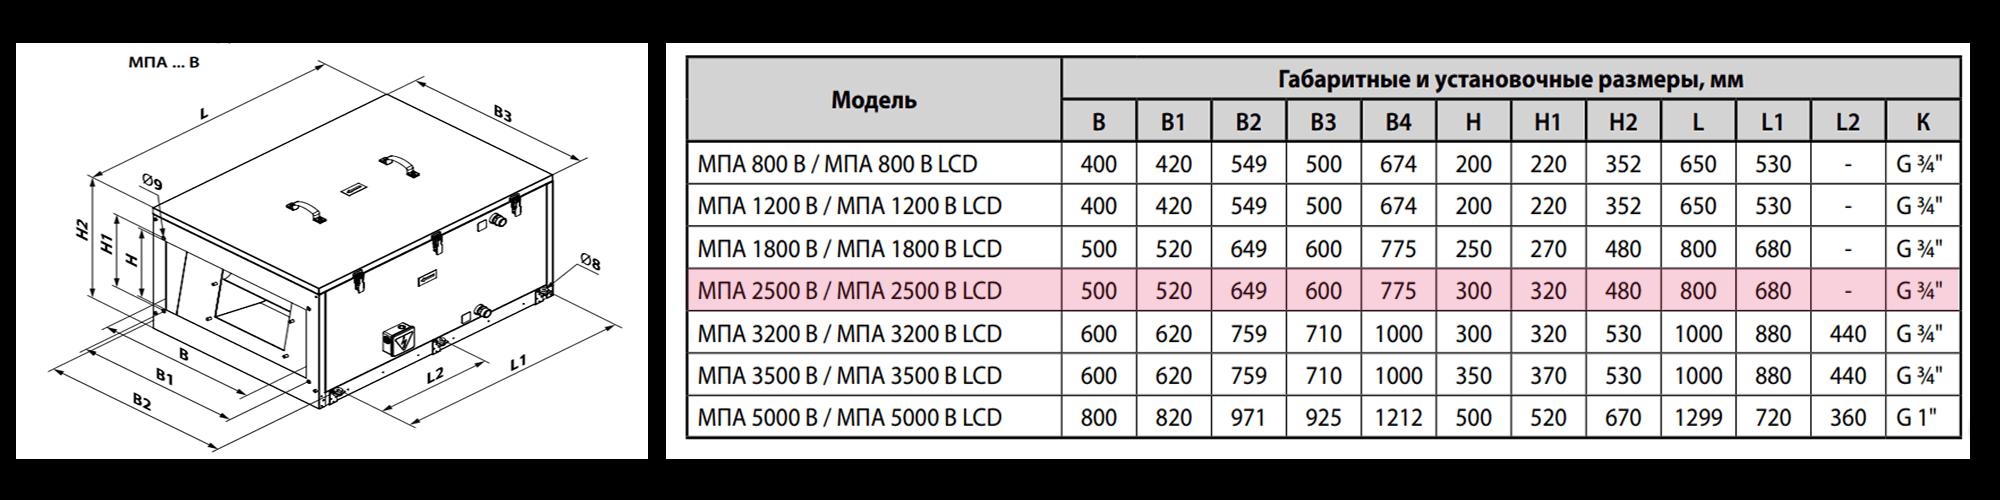 Приточная установка ВЕНТС МПА2500В